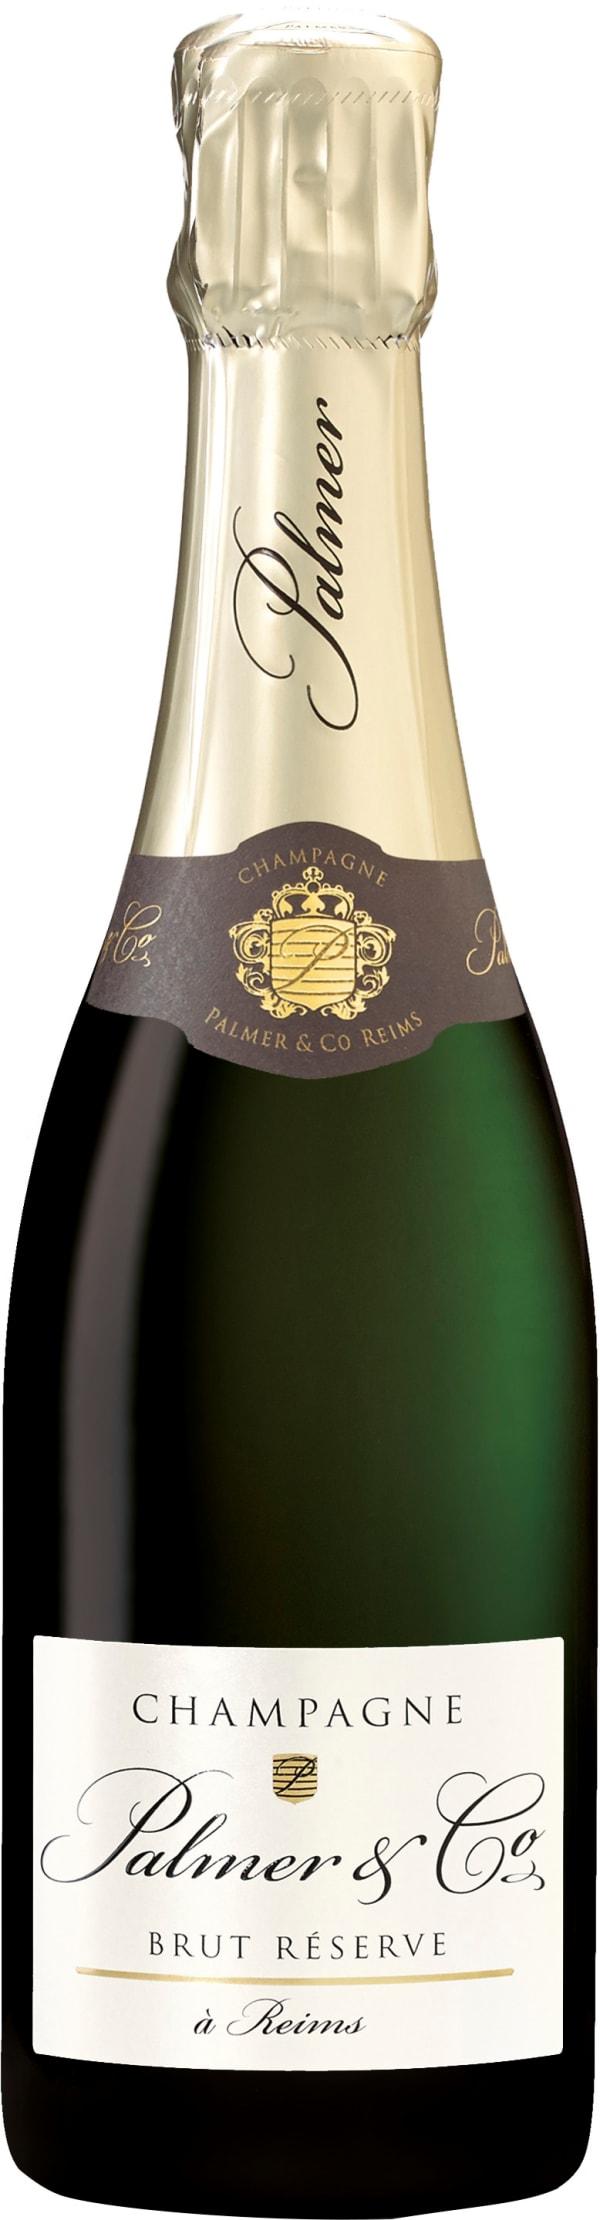 Palmer & Co Réserve Champagne Brut